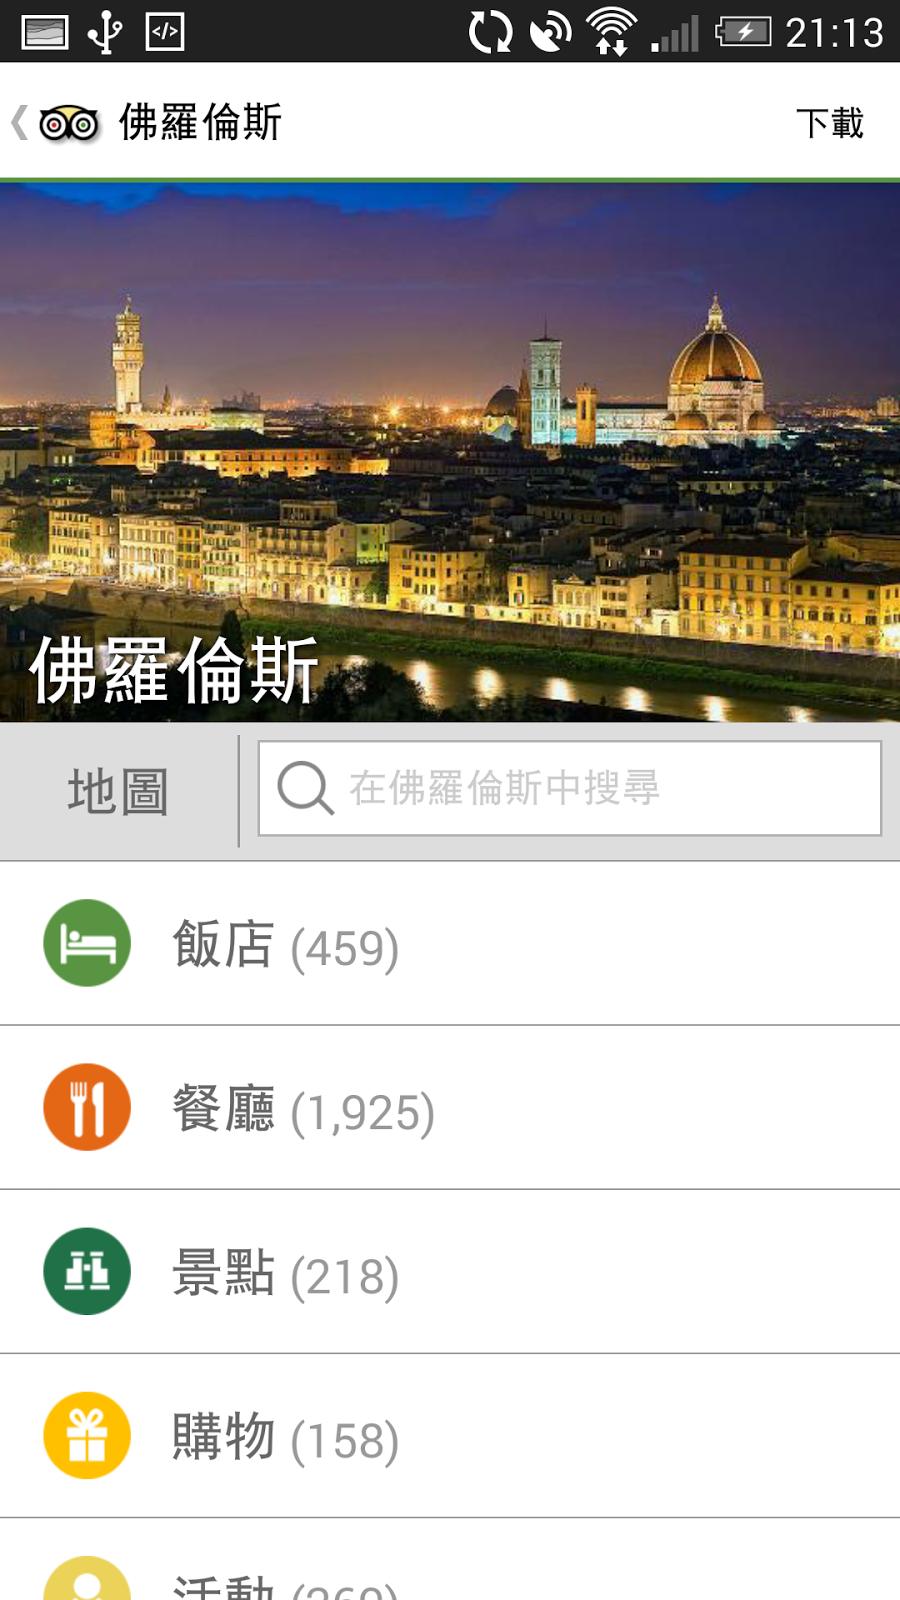 免費下載全球最大旅遊網 TripAdvisor 300個城市離線地圖 TripAdvisor+-02